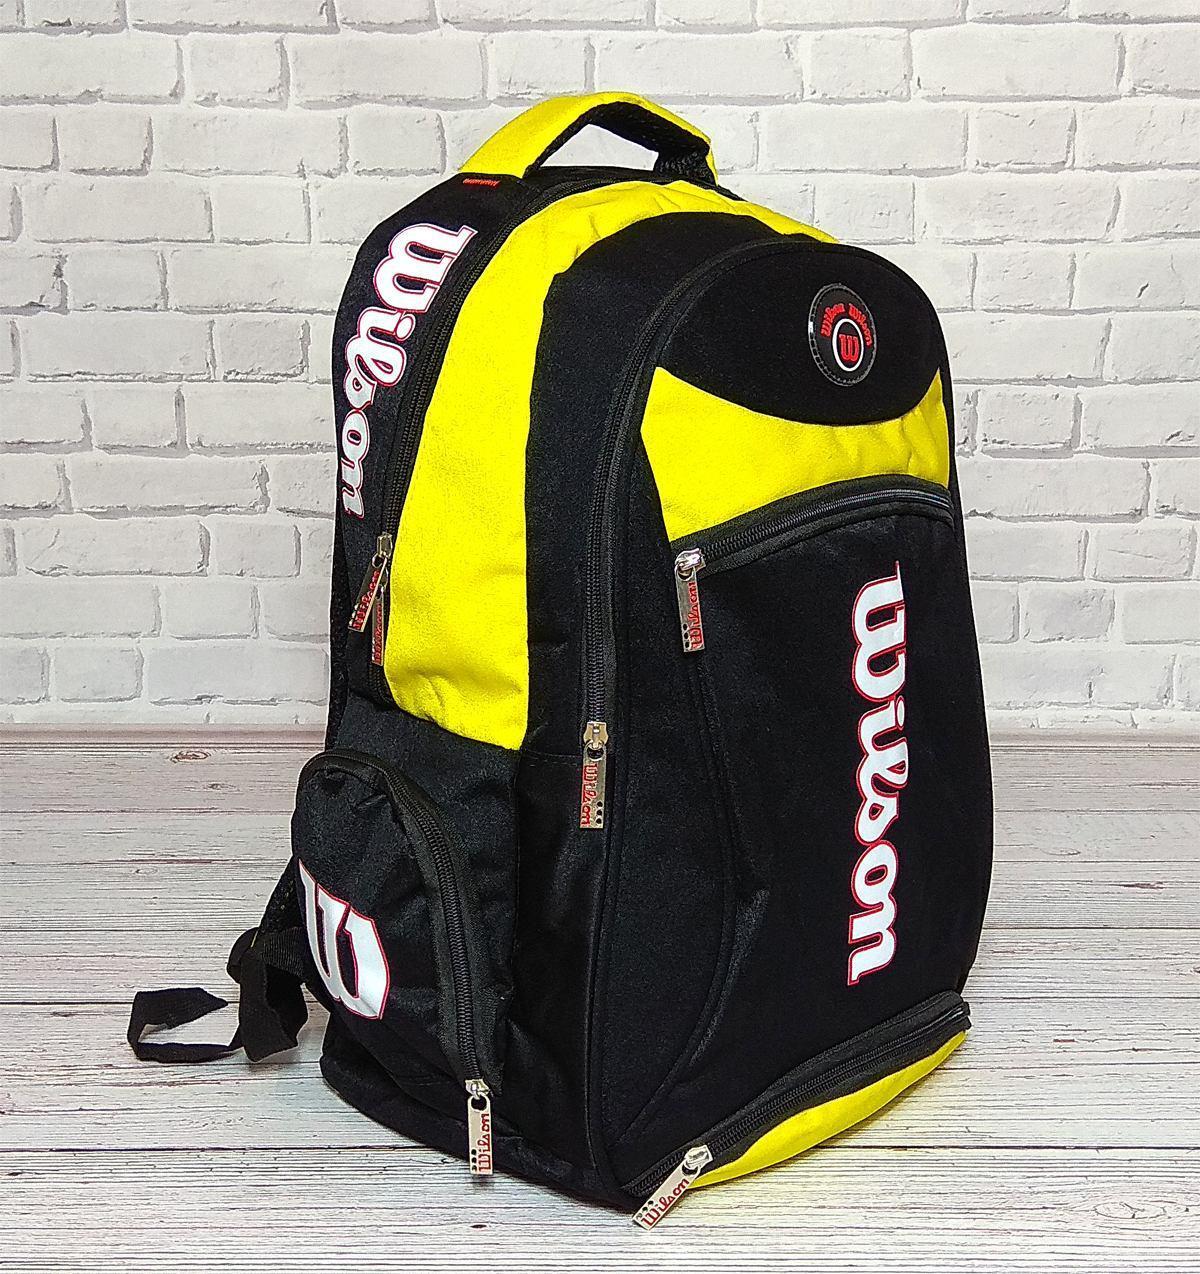 742a896f5a60 Вместительный рюкзак Wilson для школы, спорта. Черный с желтым ...